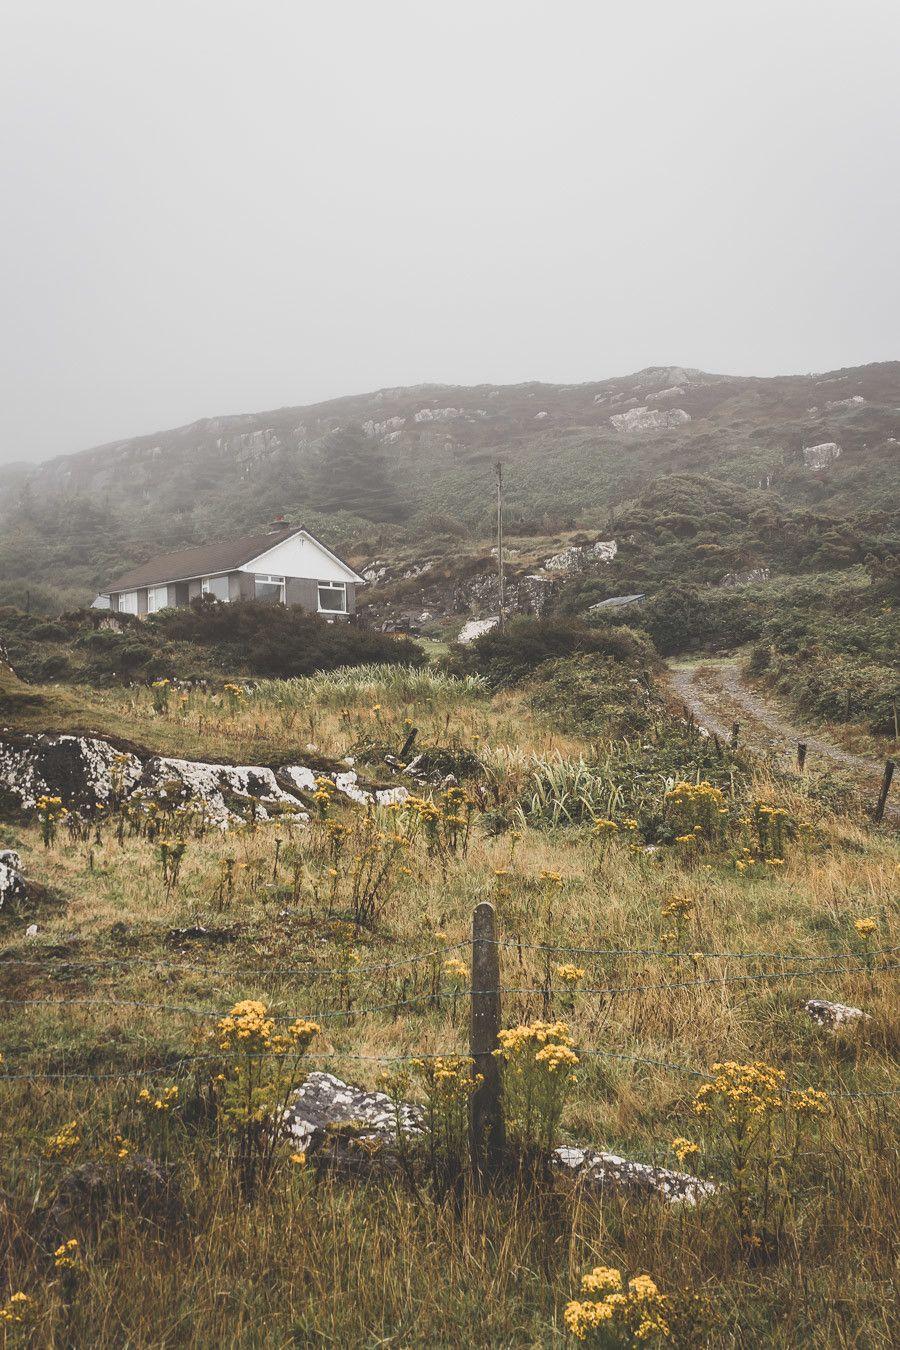 Les petites maisons de campagne en Irlande